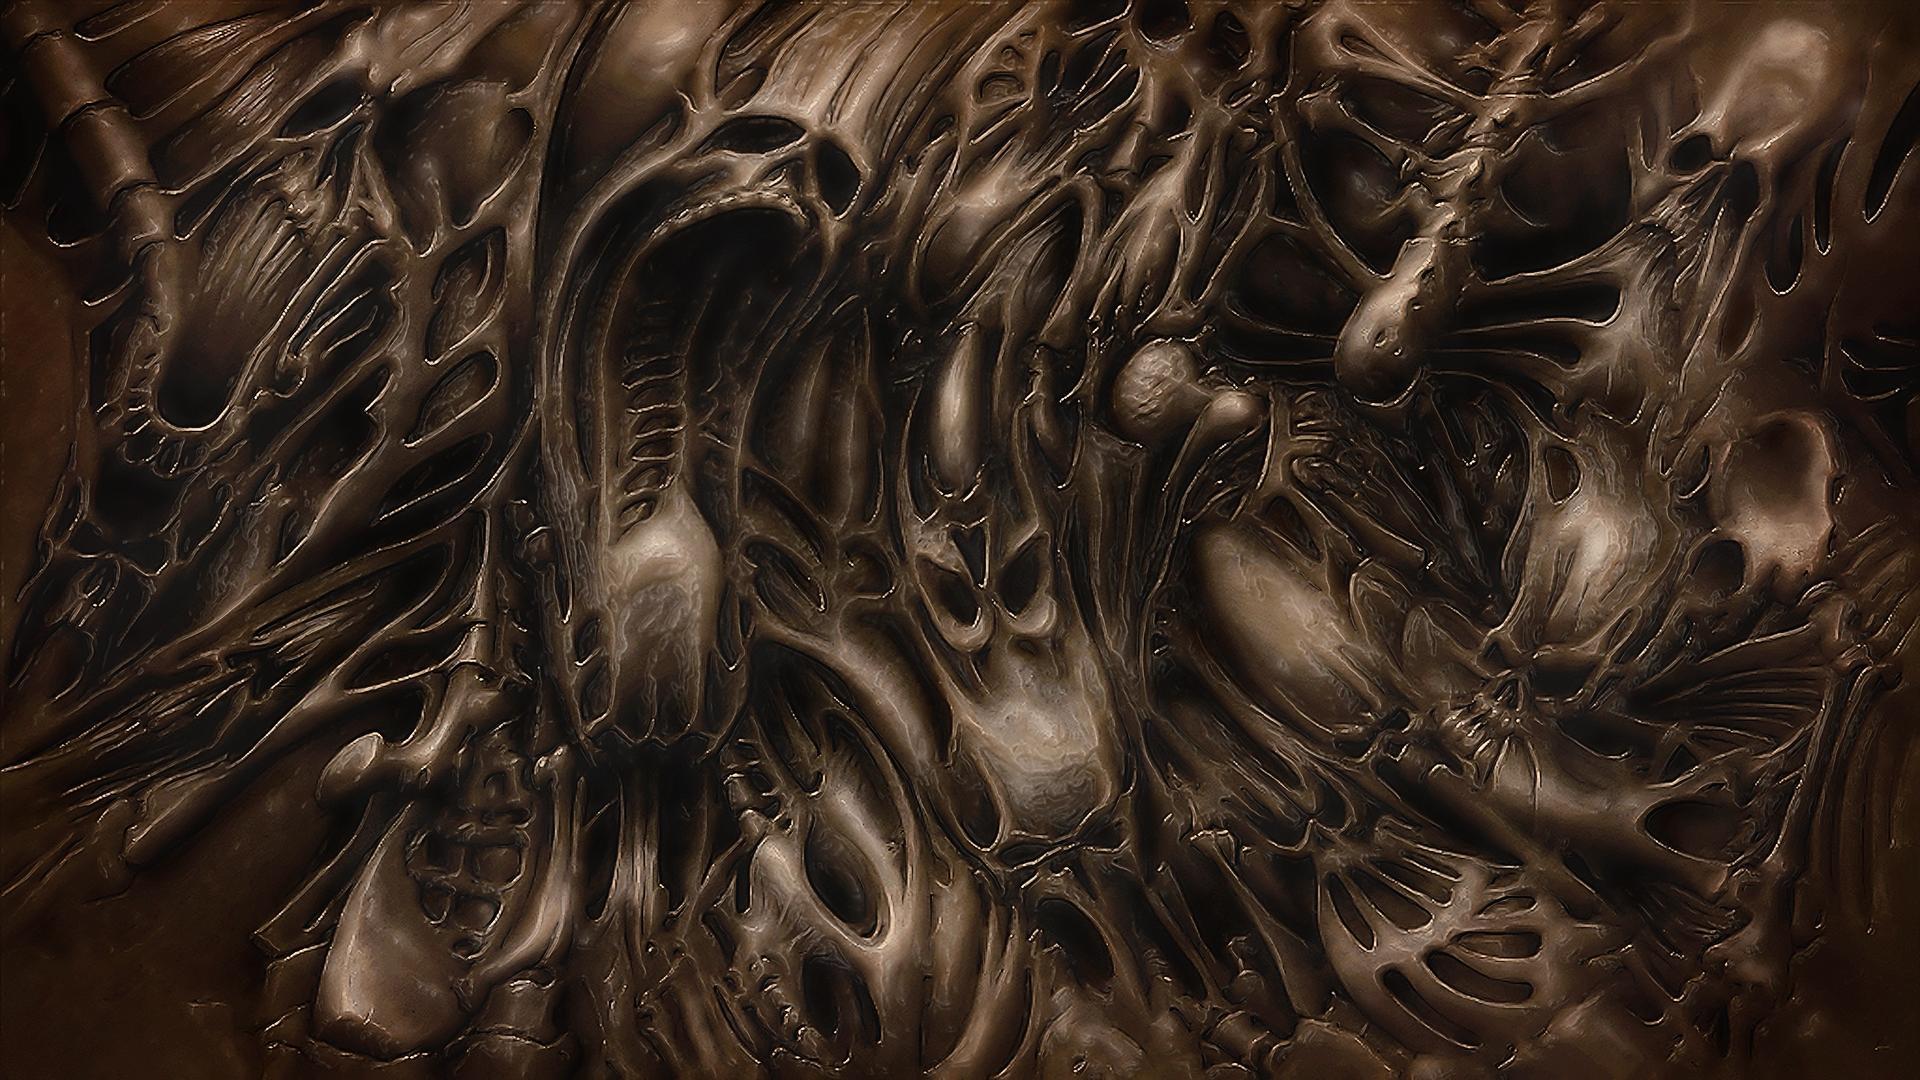 Doom Wallpapers Wallpaper Cave